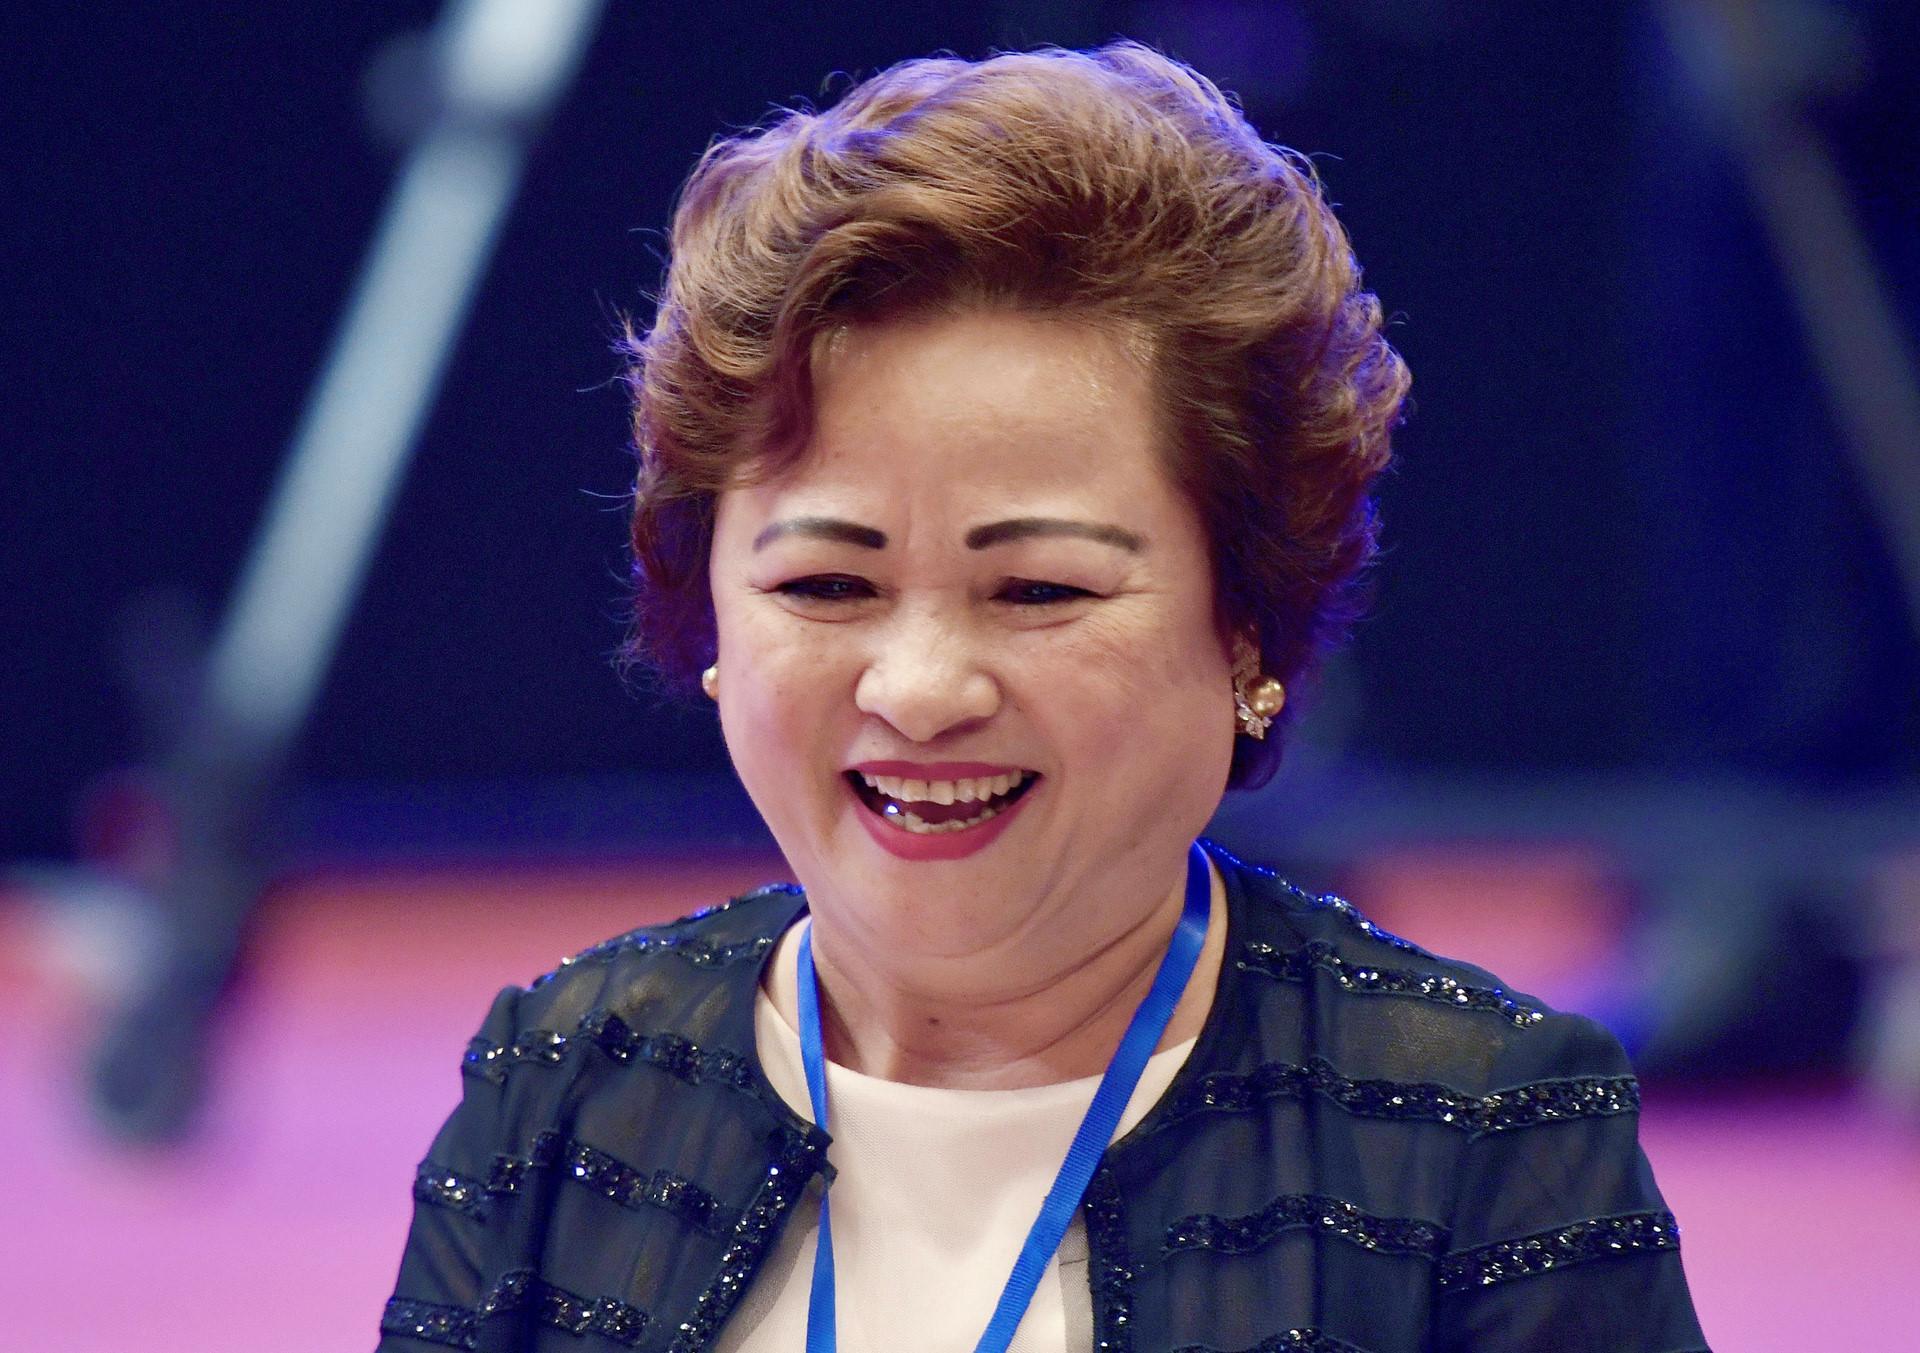 Top 10 Nữ Tướng giàu có và quyền lực nhất Việt Nam hiện nay 3